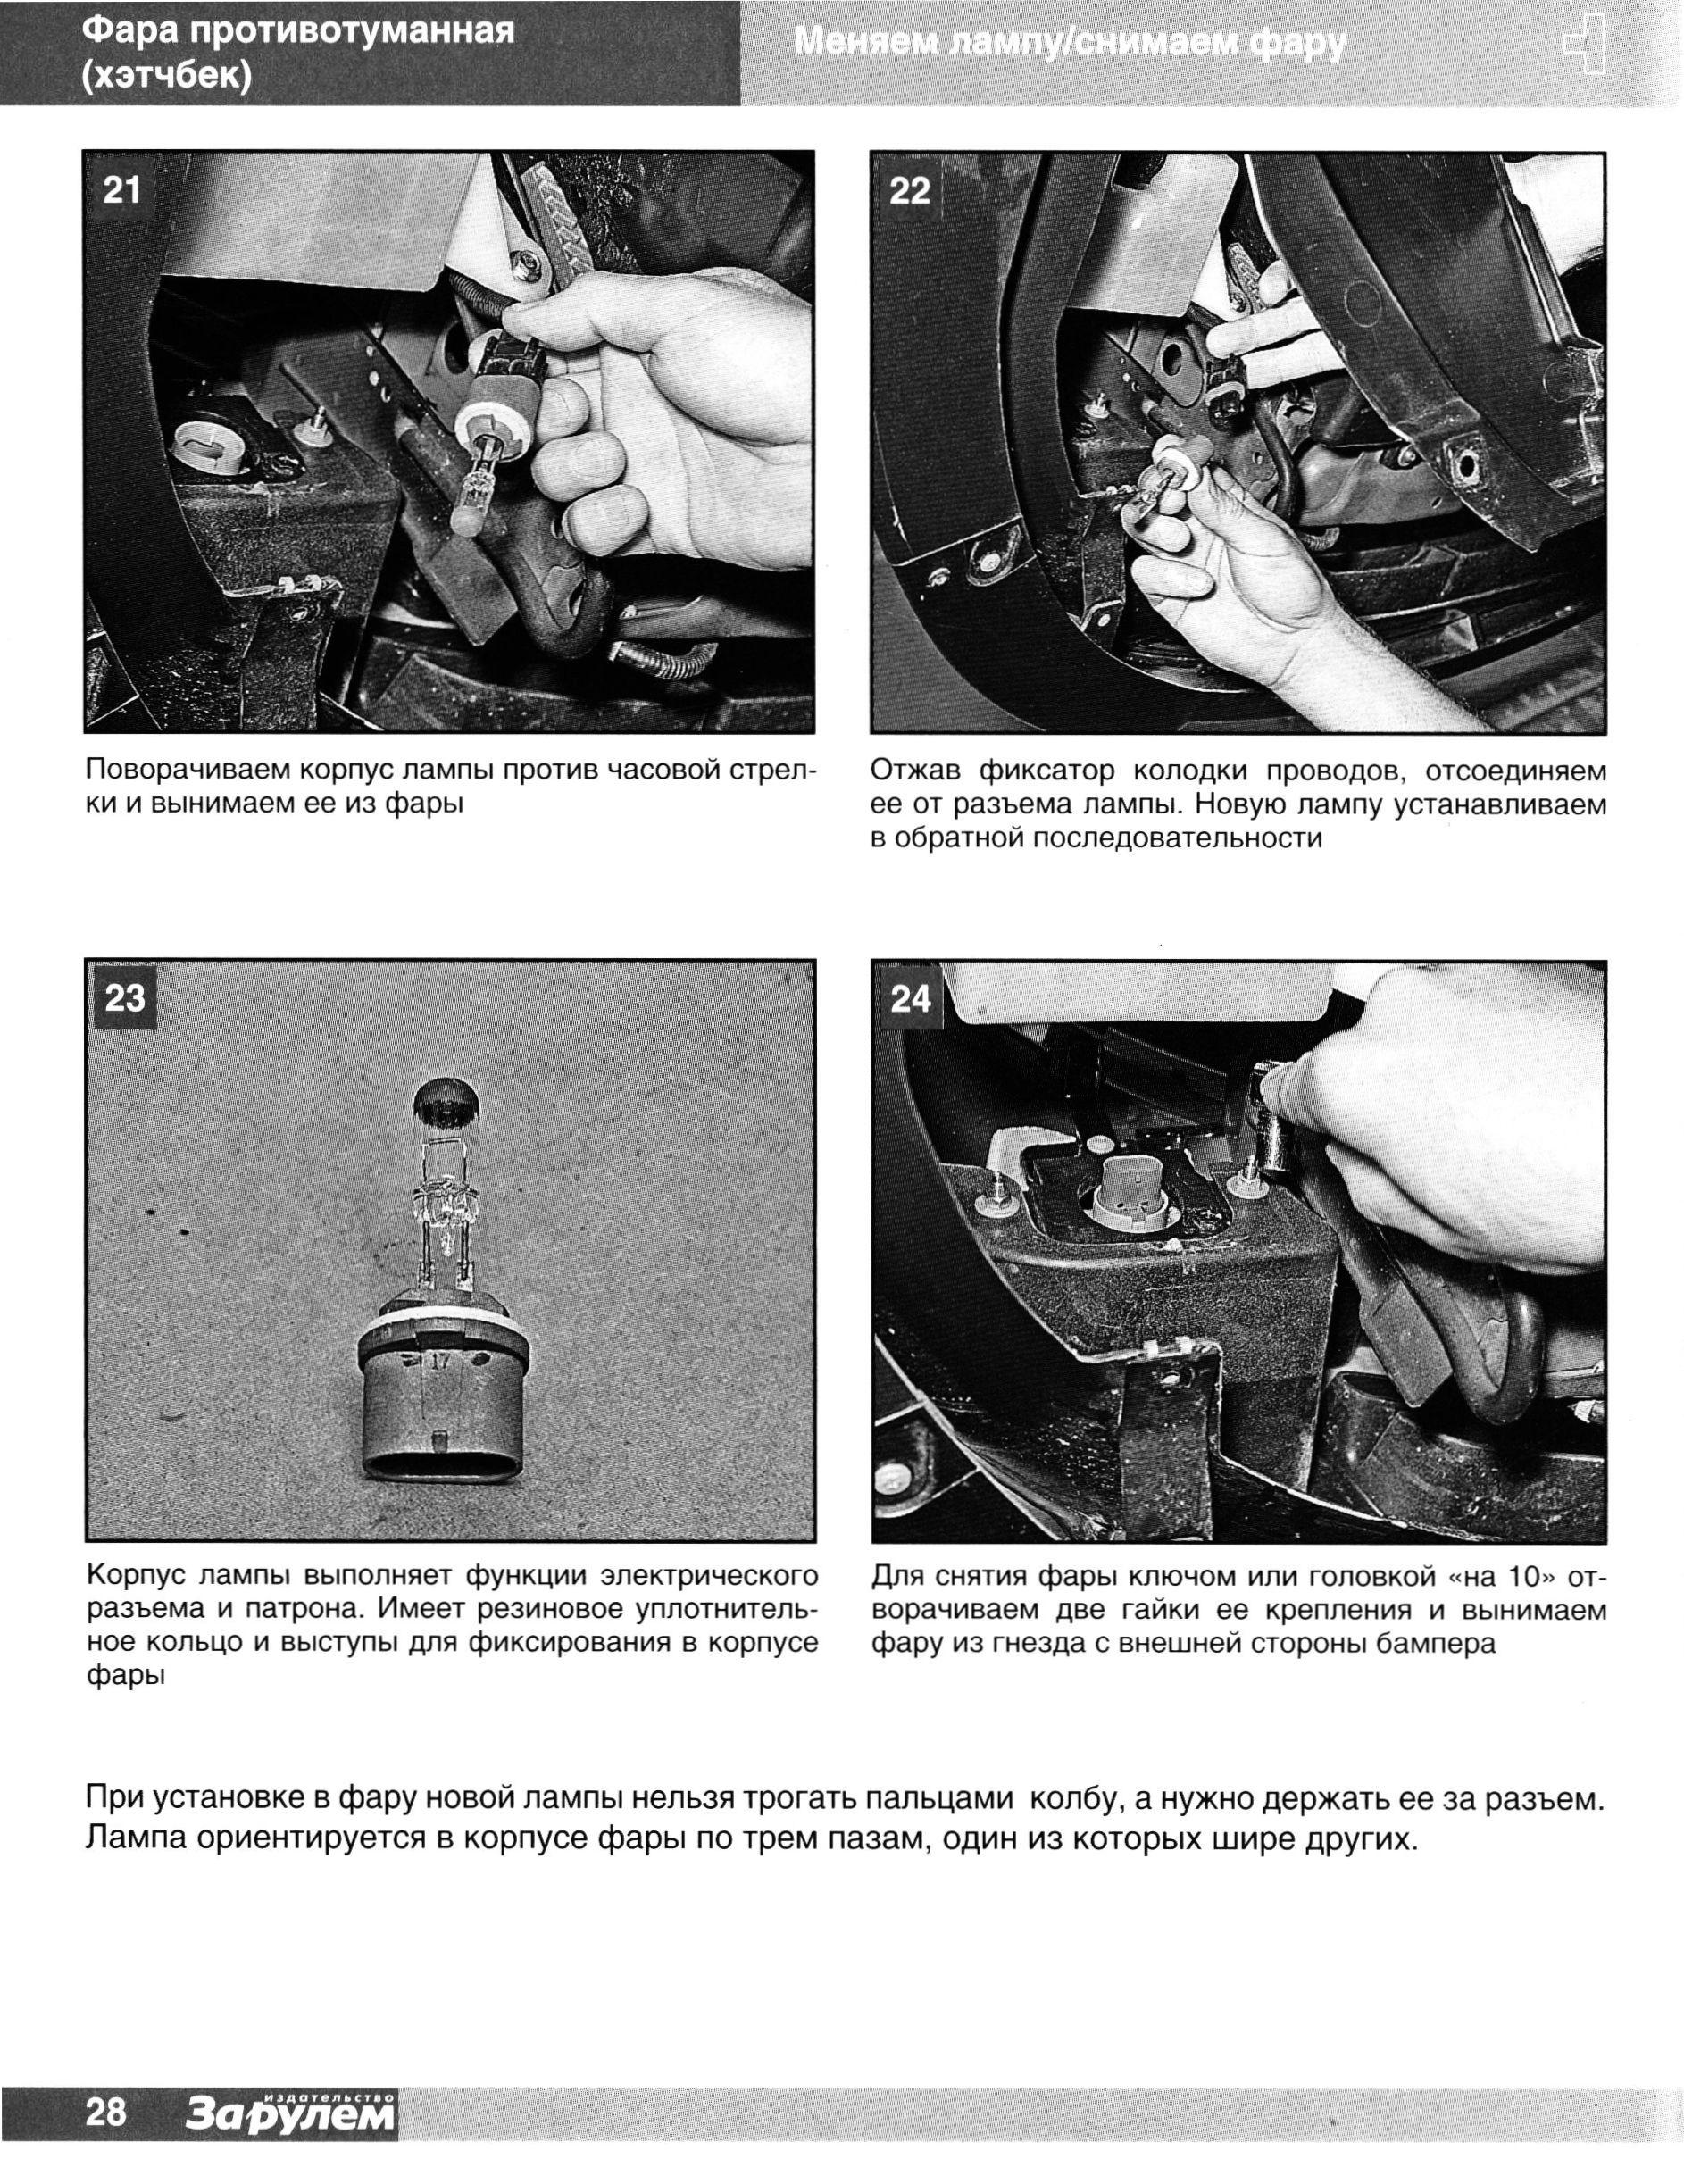 инструкция по эксплуатации шевроле лачетти хэтчбек 1.6 автомат